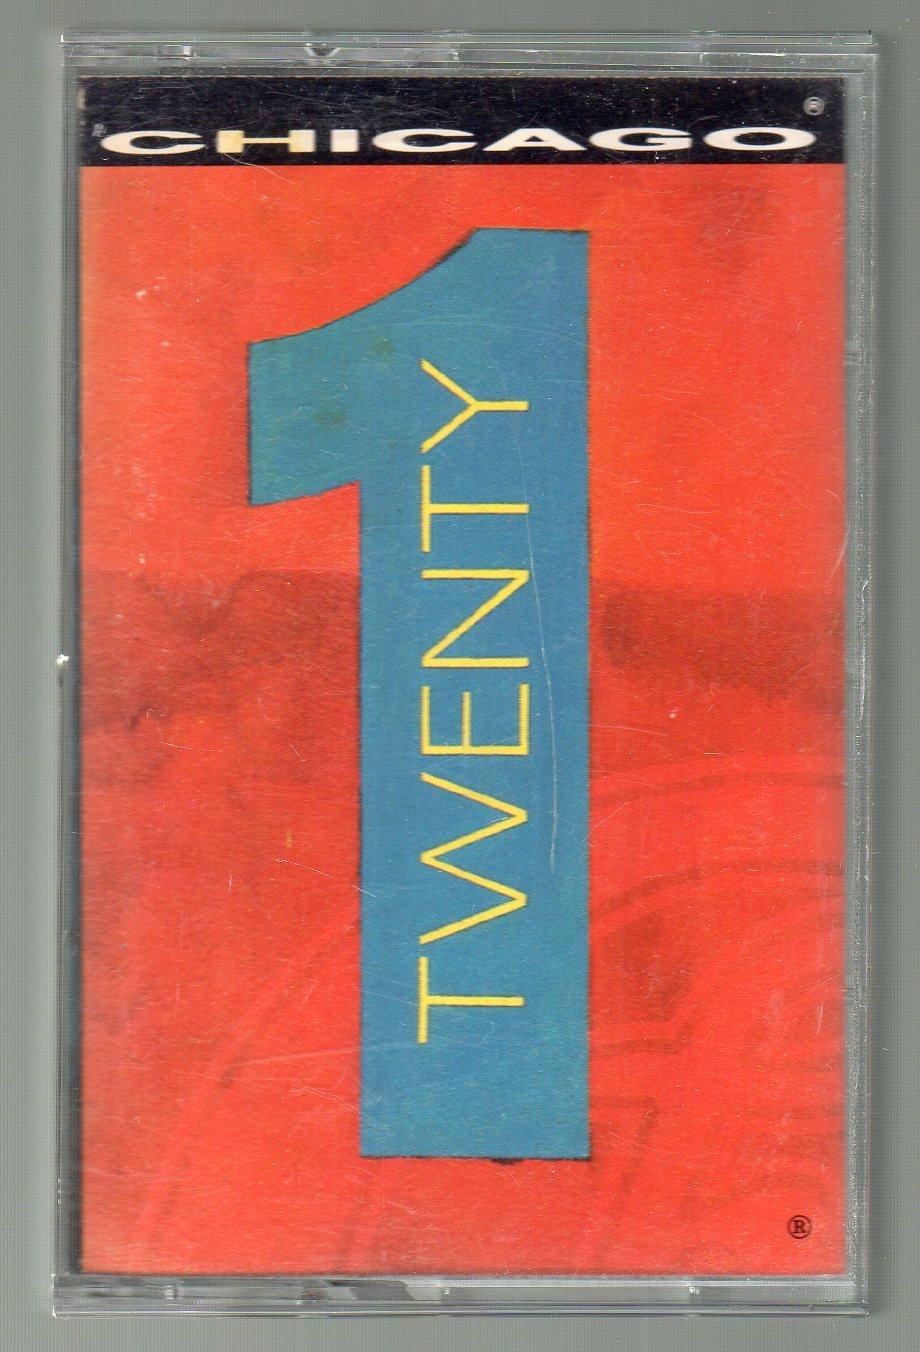 Chicago - Twenty 1 Cassette Tape